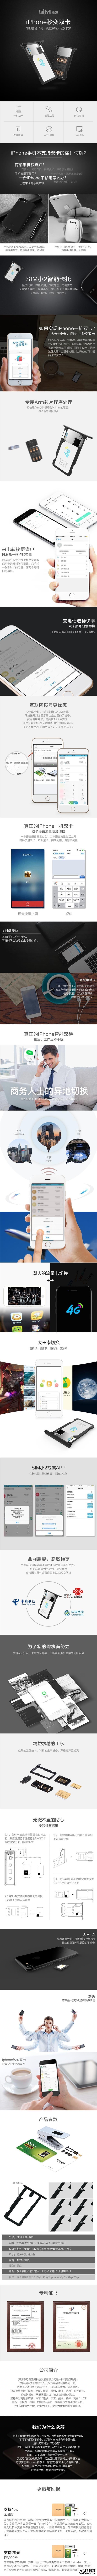 革命性突破 iPhone双卡神器开始发货的照片 - 3